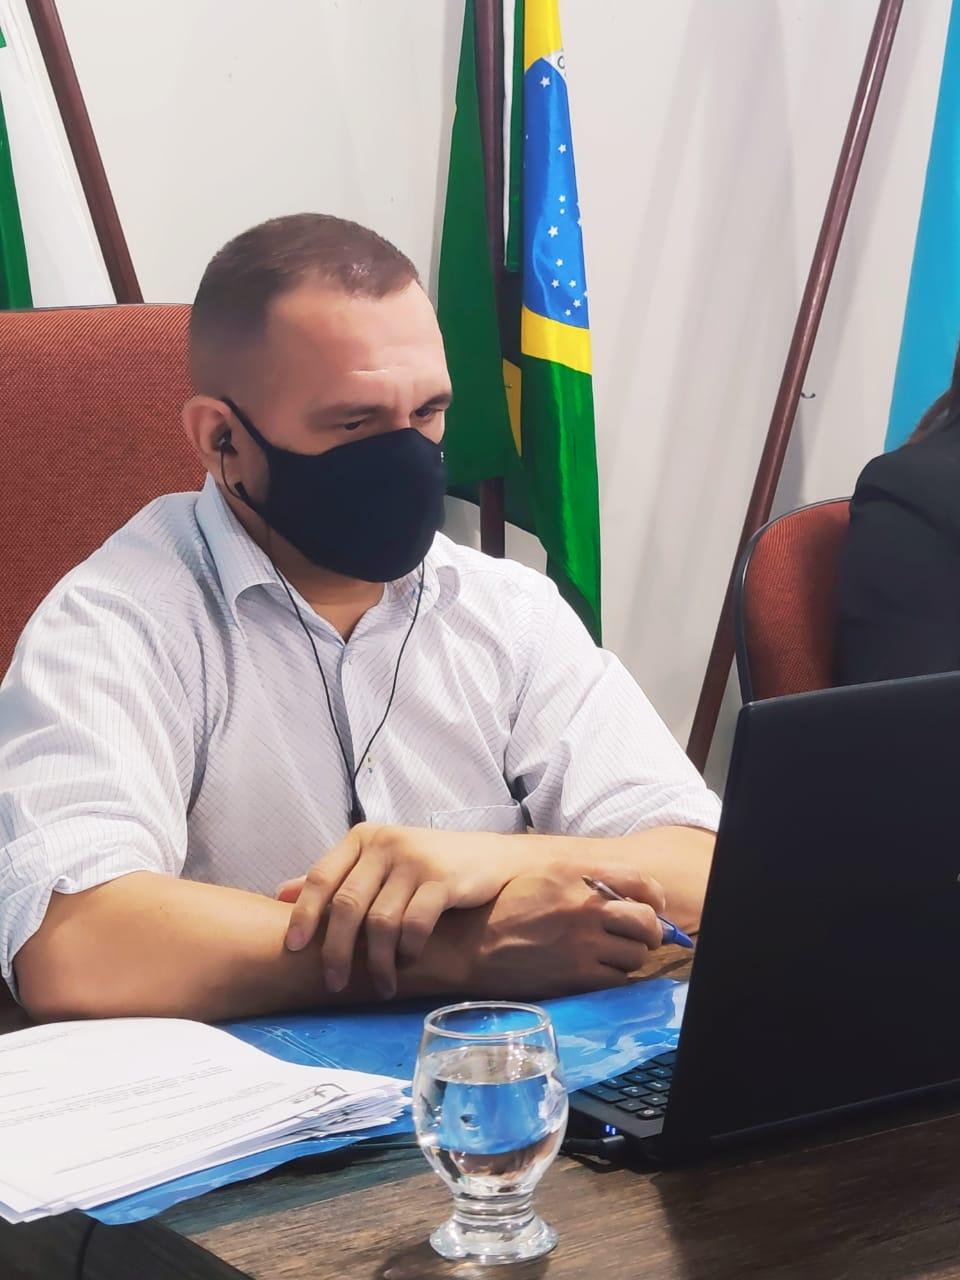 Vereador Denilson Gadelha apresenta indicação solicitando a reabertura do SENAC em Macaíba